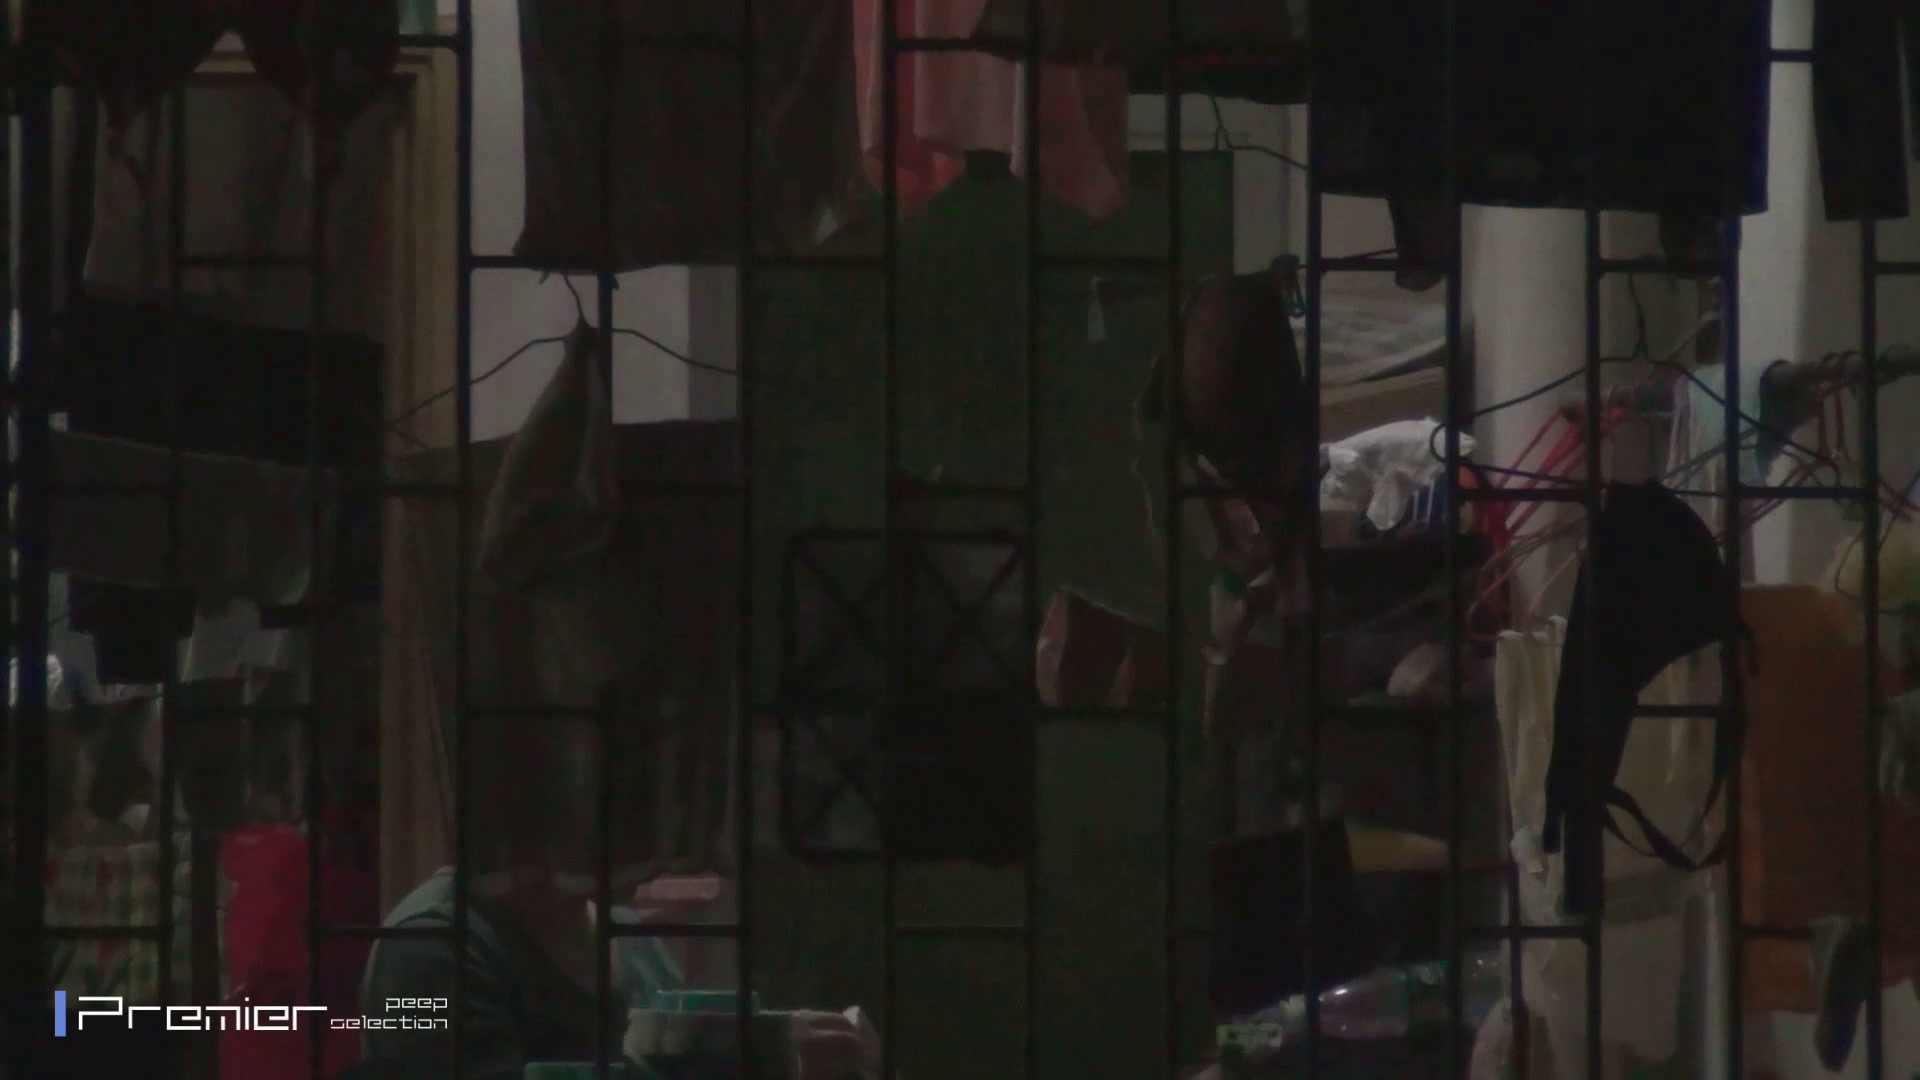 美女の痴態に密着!洗濯物を干す女 Vol.07 美乳 オメコ無修正動画無料 98画像 49